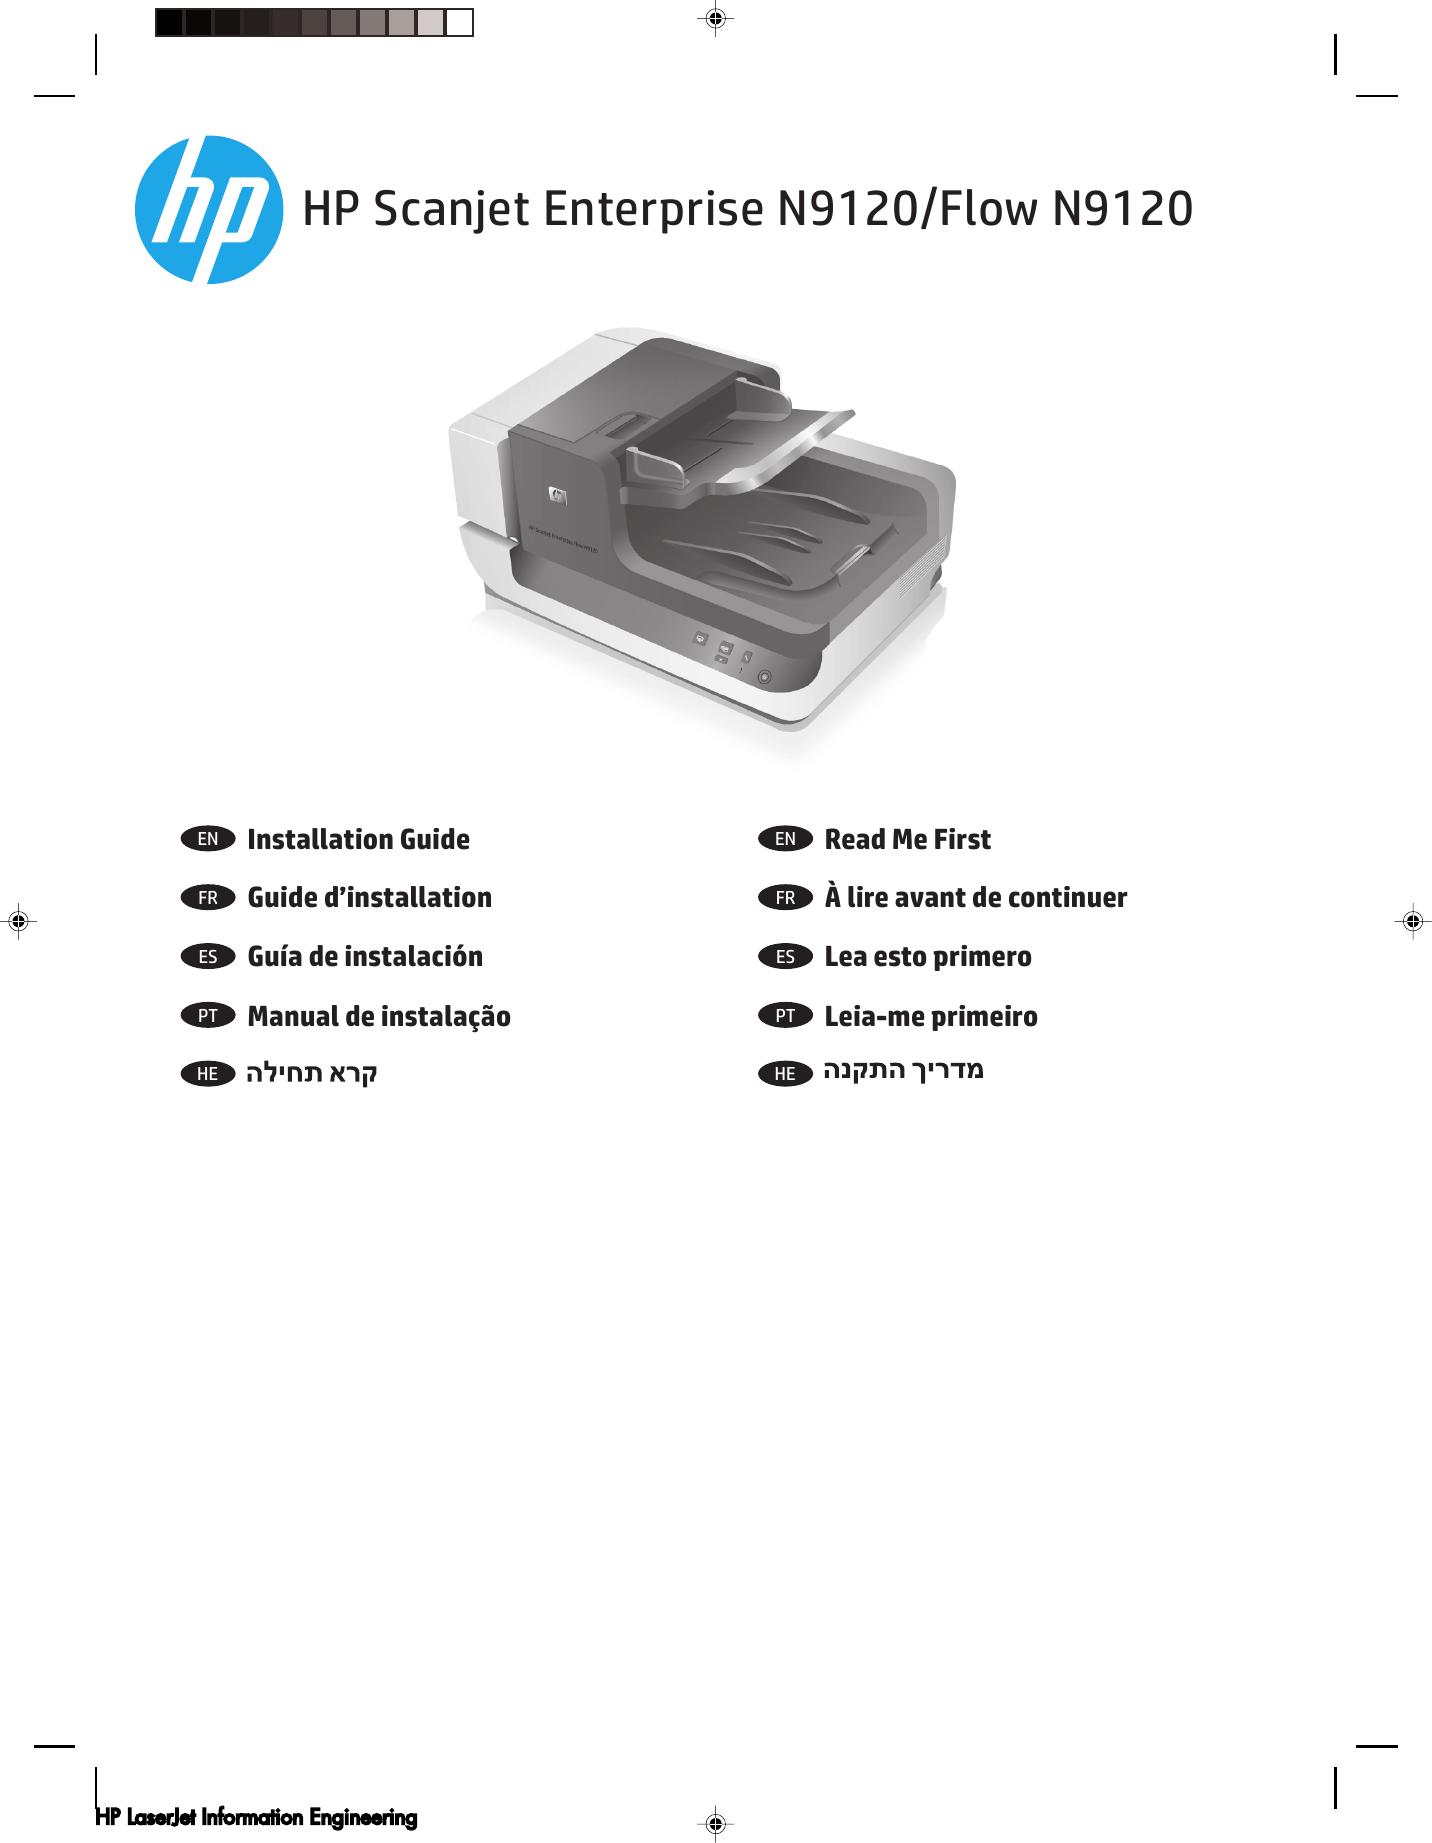 hp n9120 manual product user guide instruction u2022 rh testdpc co hp scanjet enterprise flow n9120 flatbed scanner service manual hp scanjet n9120 document flatbed scanner service manual